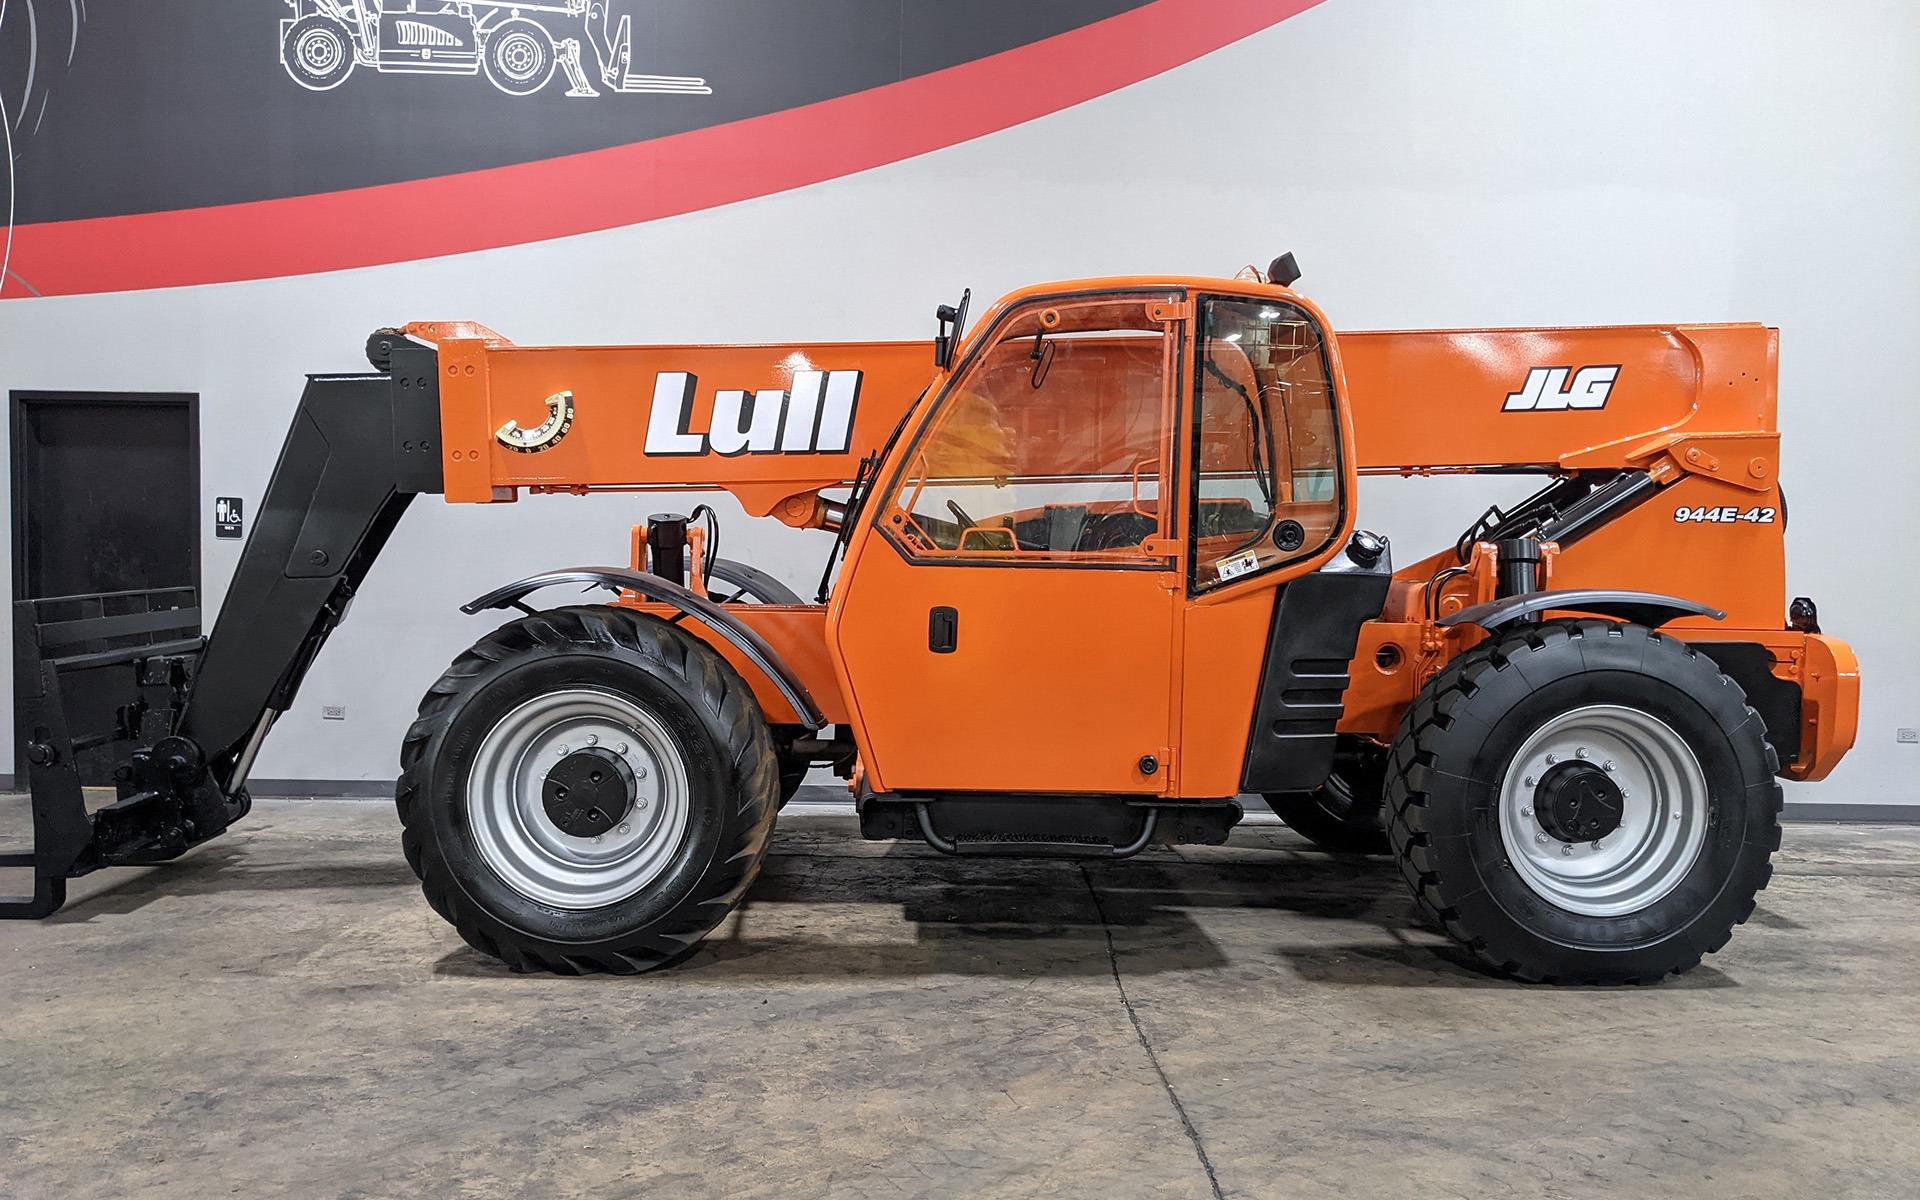 Used 2006 LULL 944E-42    Cary, IL